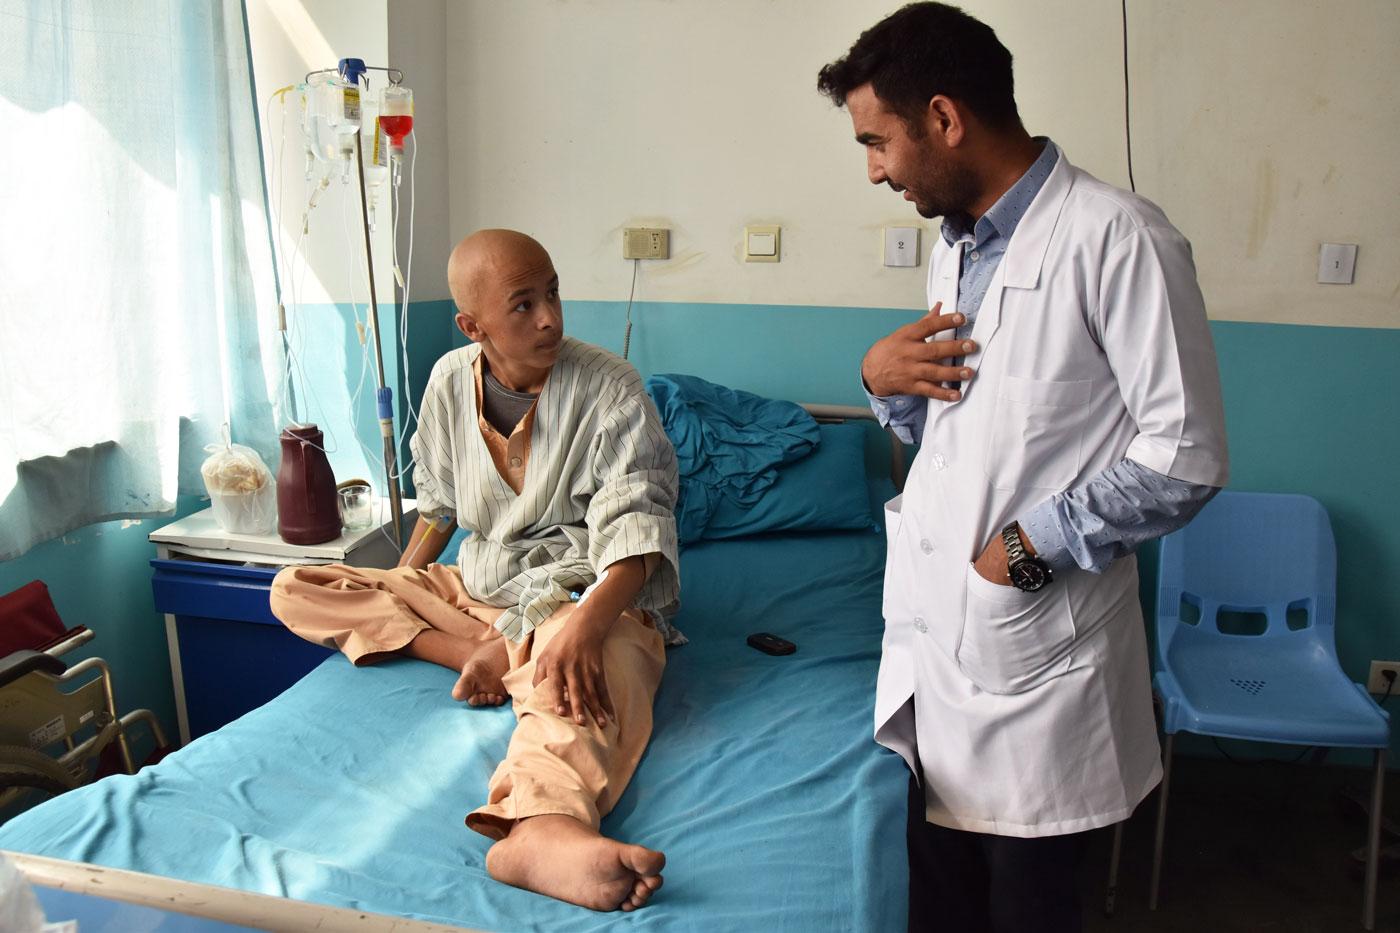 El doctor Kifayatullah Safi parla amb un pacient a la unitat oncològica de l'hospital Jamhuriat, de Kabul.